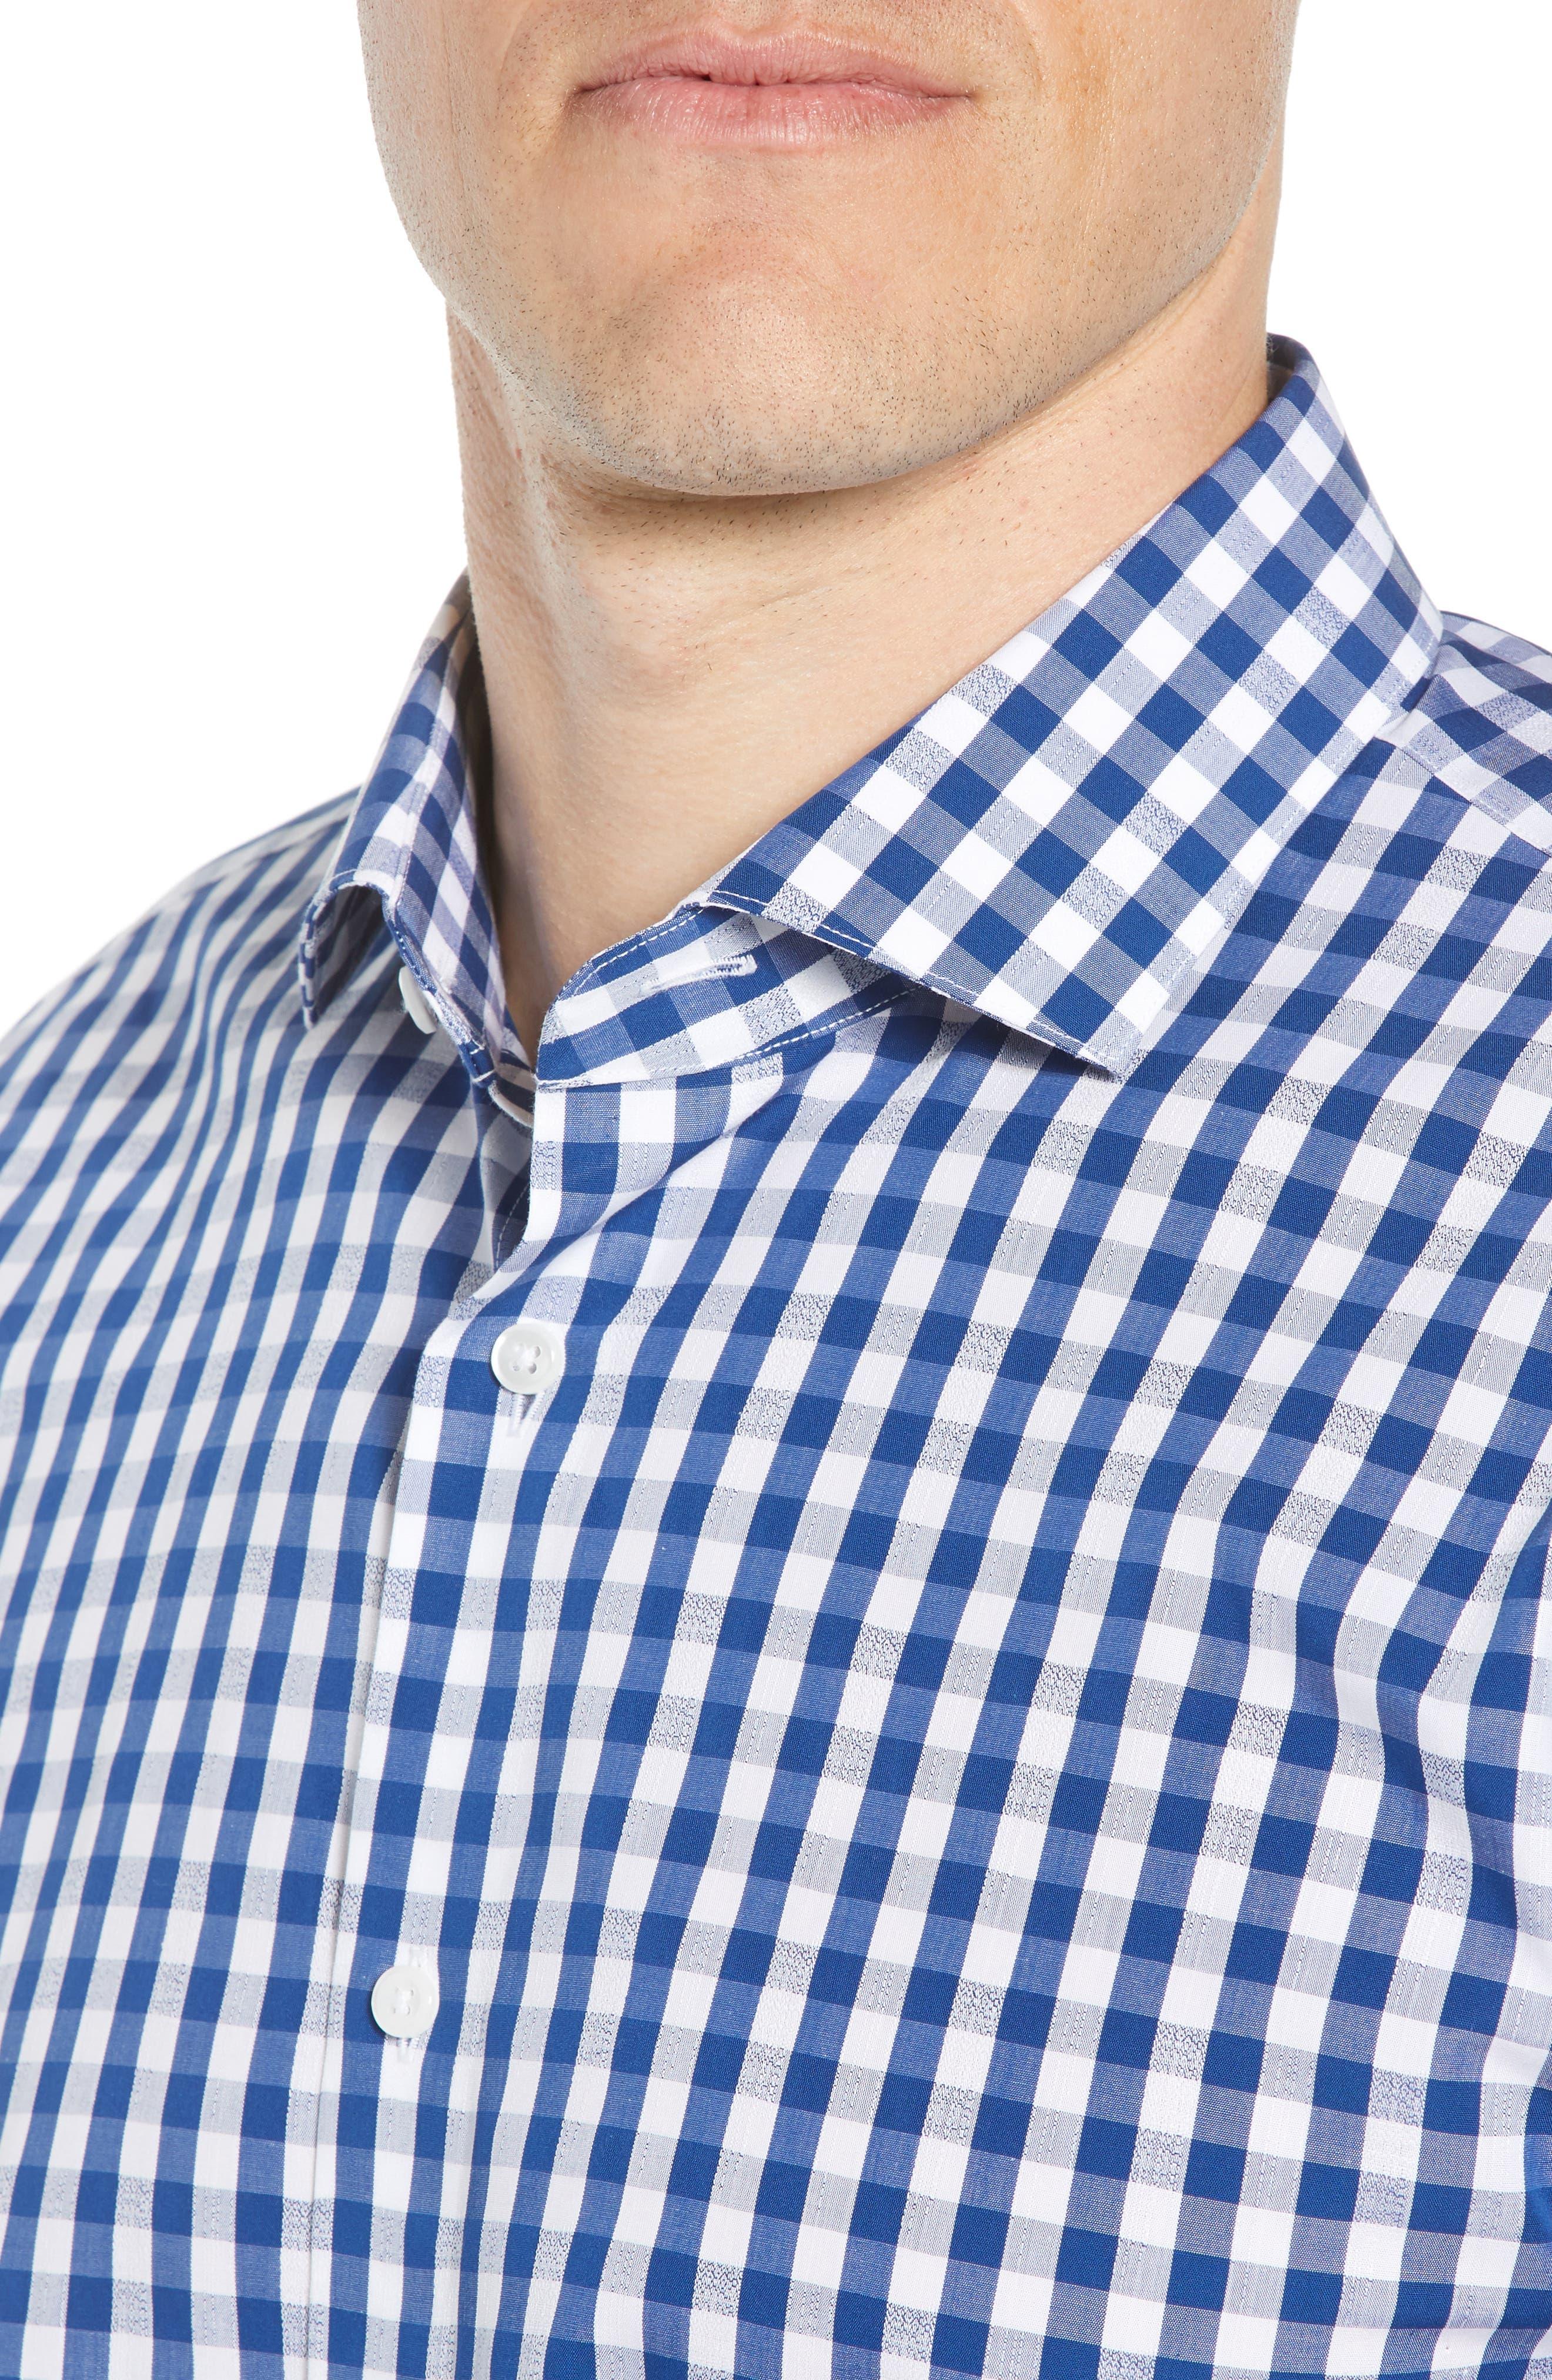 Trim Fit Check Dress Shirt,                             Alternate thumbnail 2, color,                             BLUE CASPIA